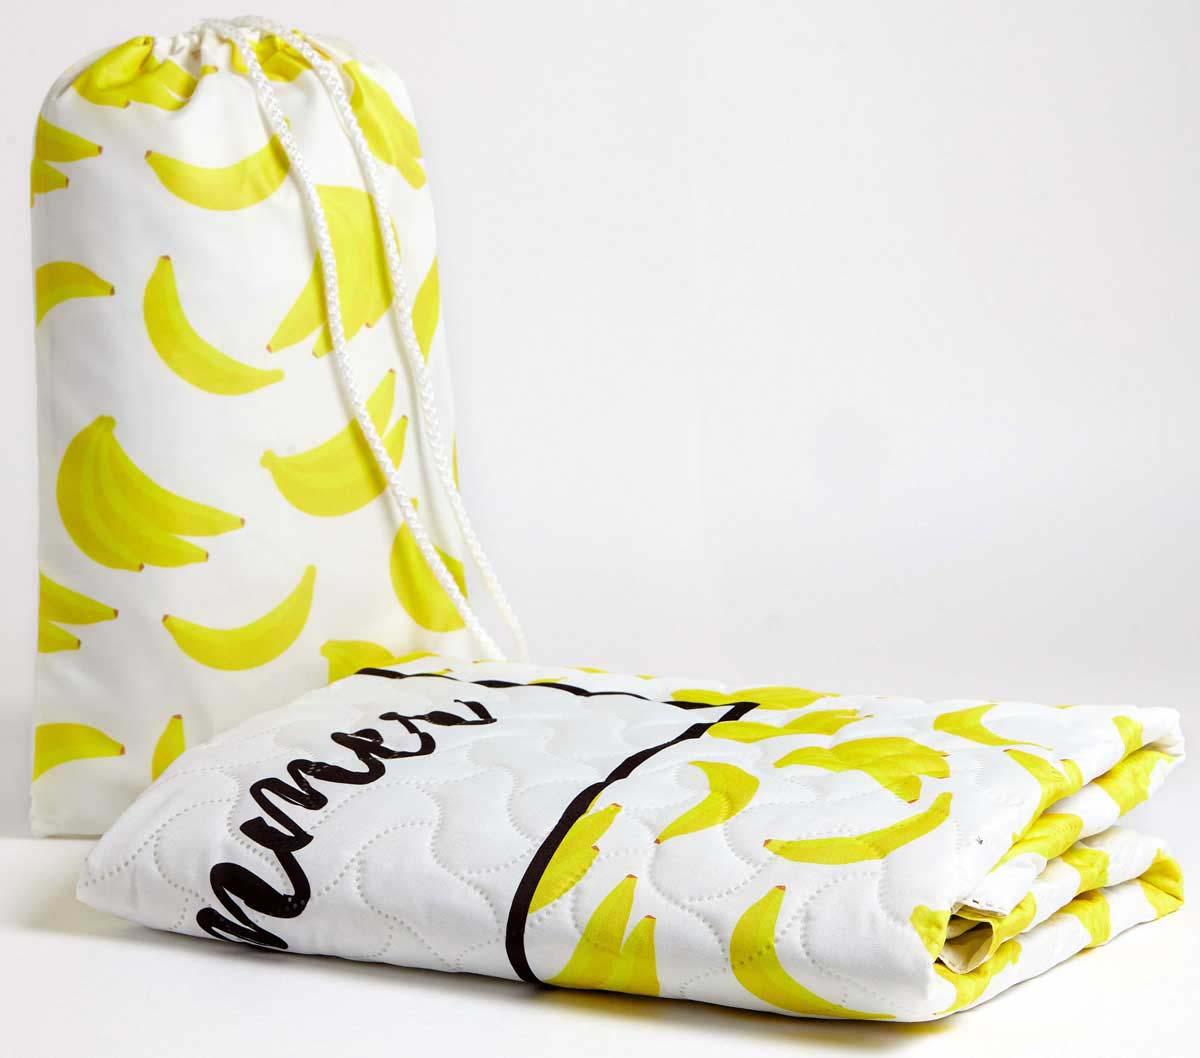 Покрывало пляжное Сирень Банановый смузи, детское, 90 х 140 см пляжное покрывало влюбленные кактусы